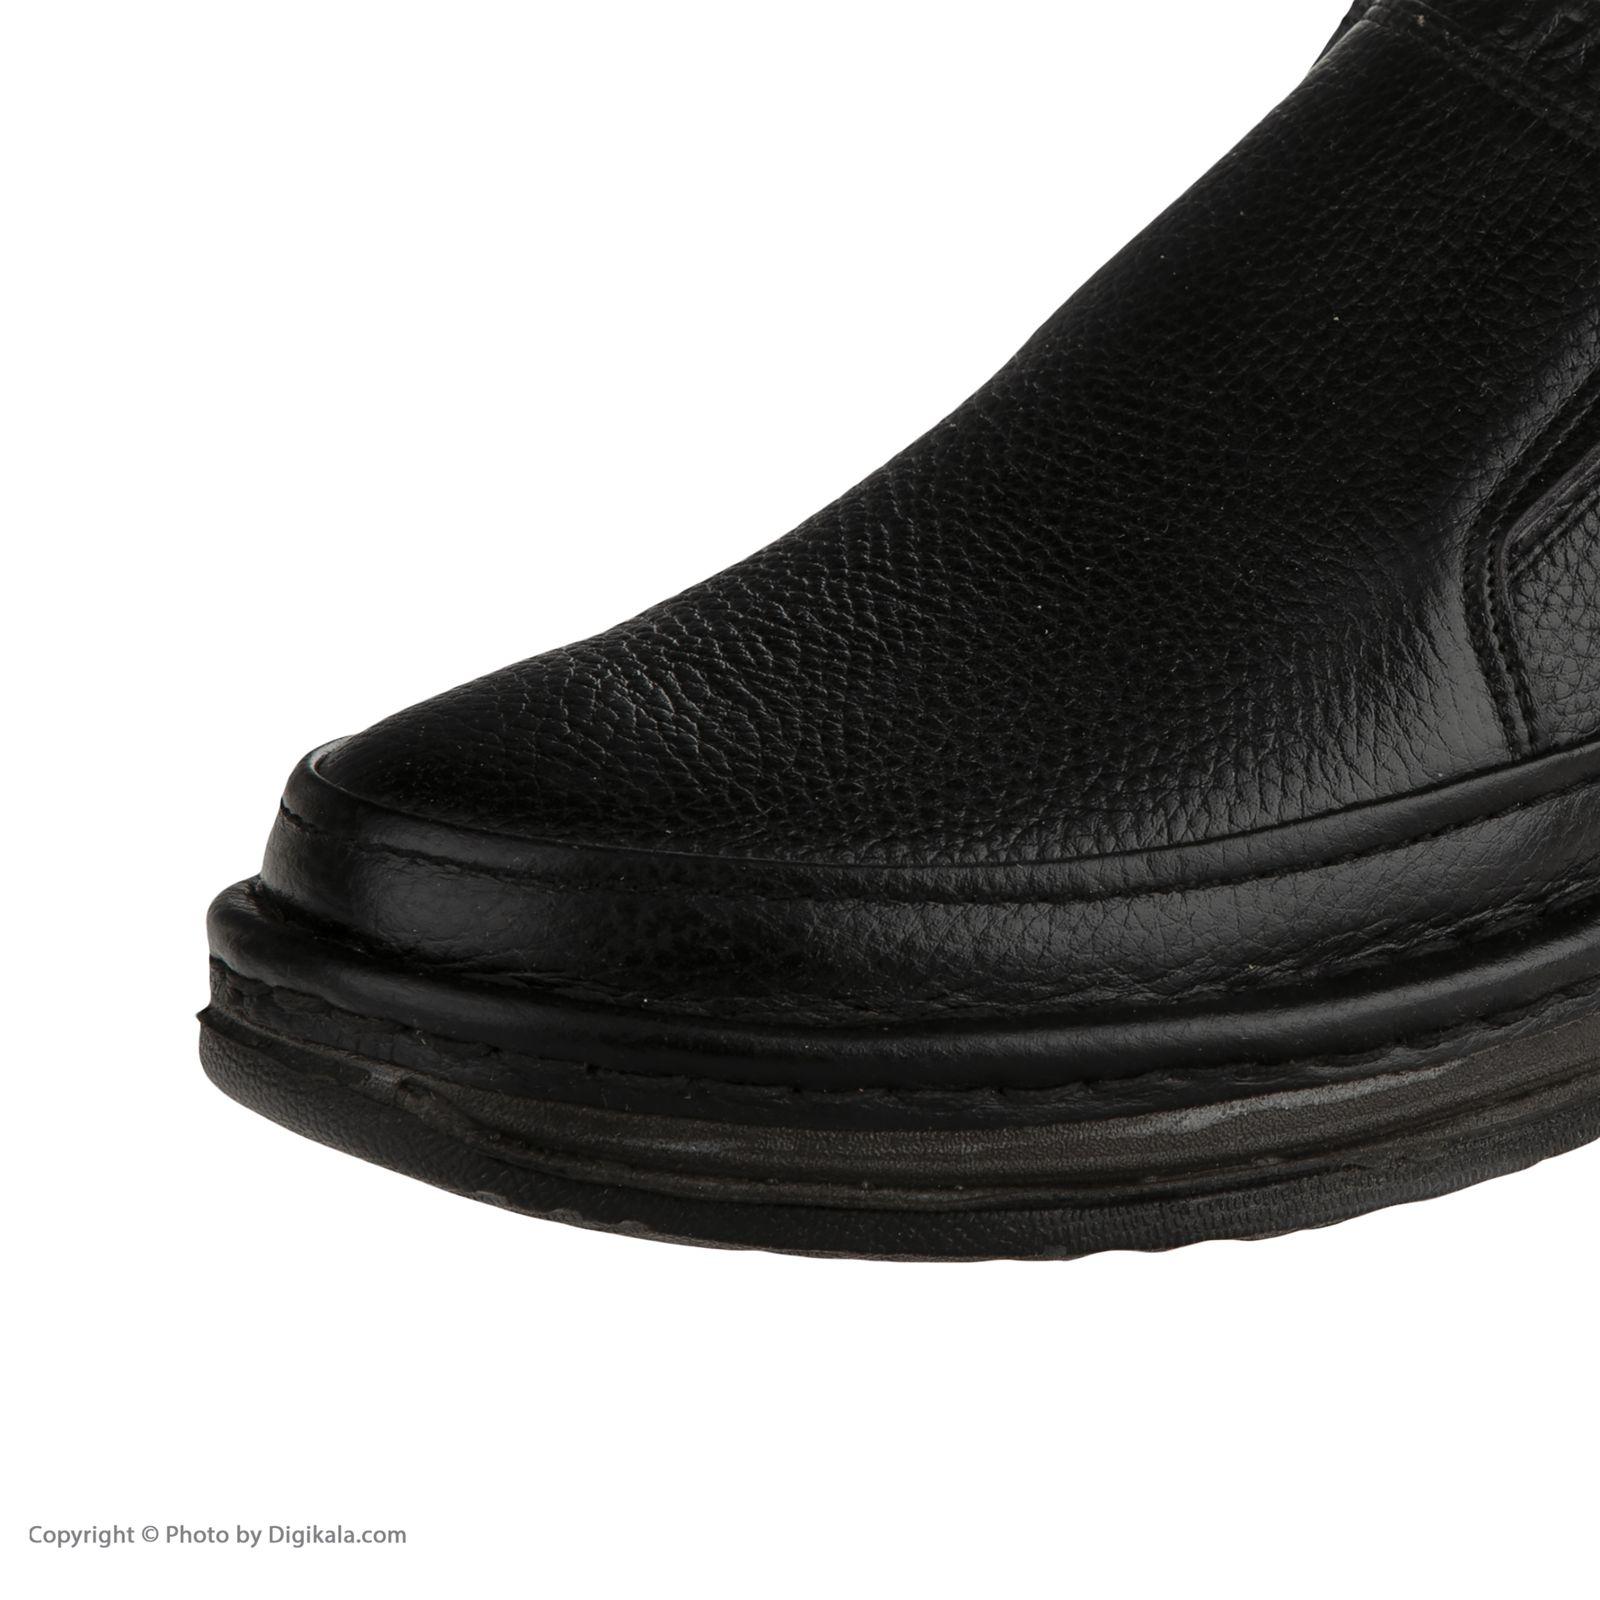 کفش روزمره مردانه بلوط مدل 7292A503101 -  - 8